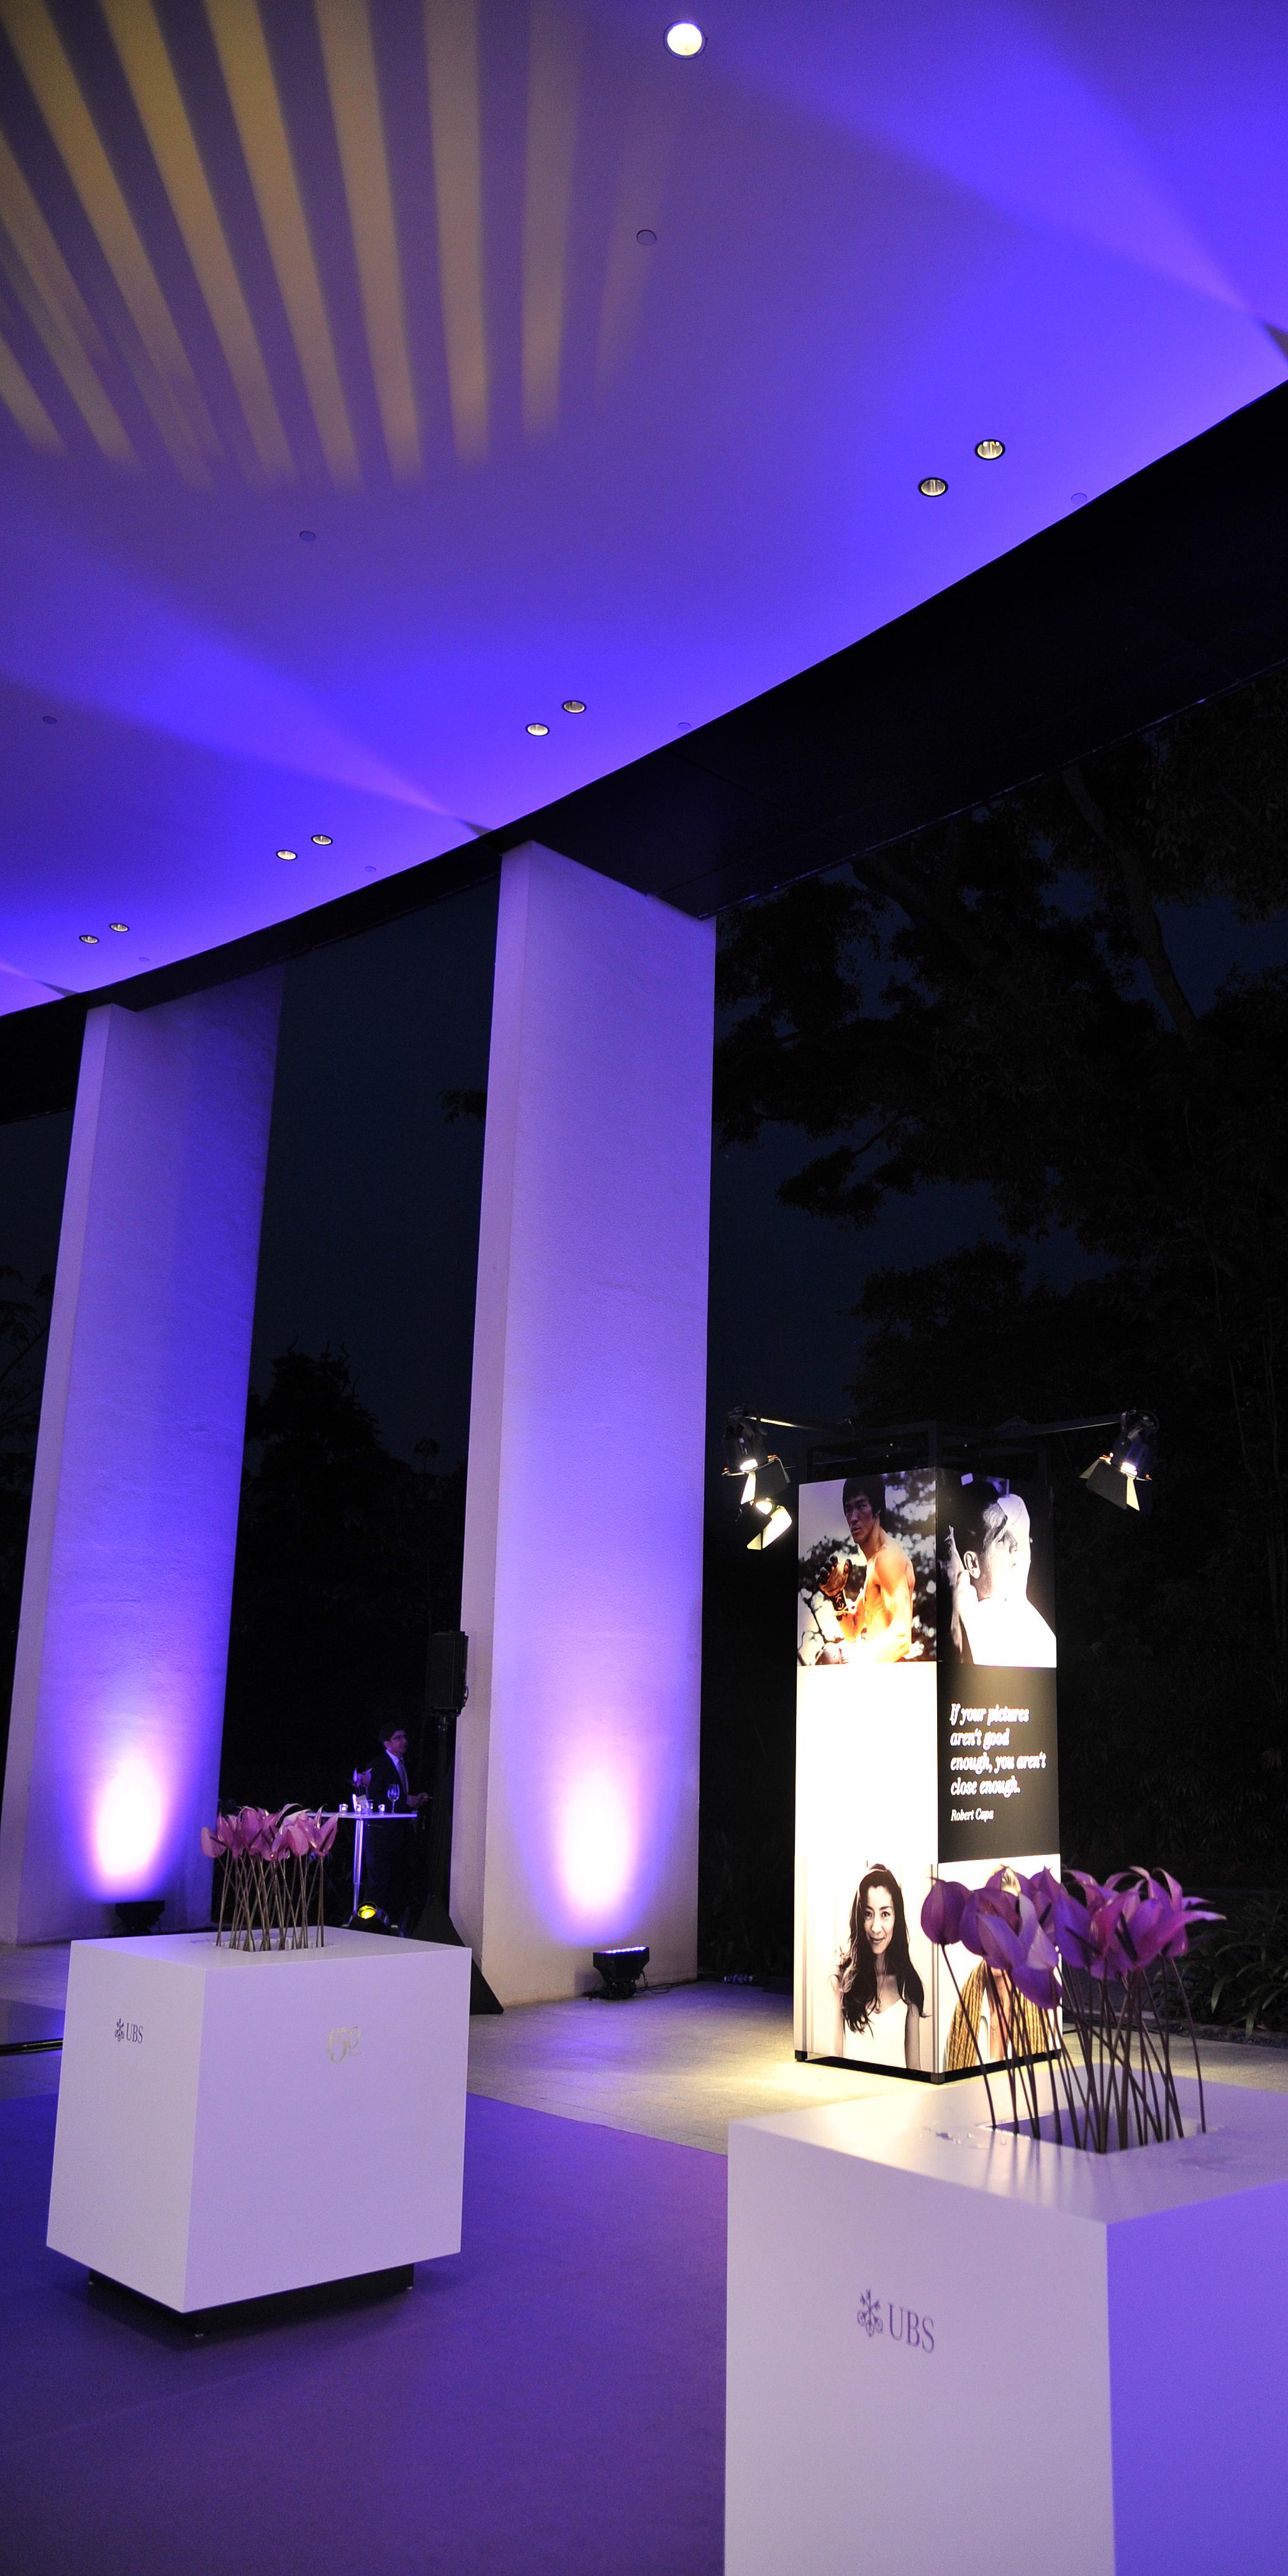 UBS 150 Jahre Jubiläum Singapur Dekoration Licht